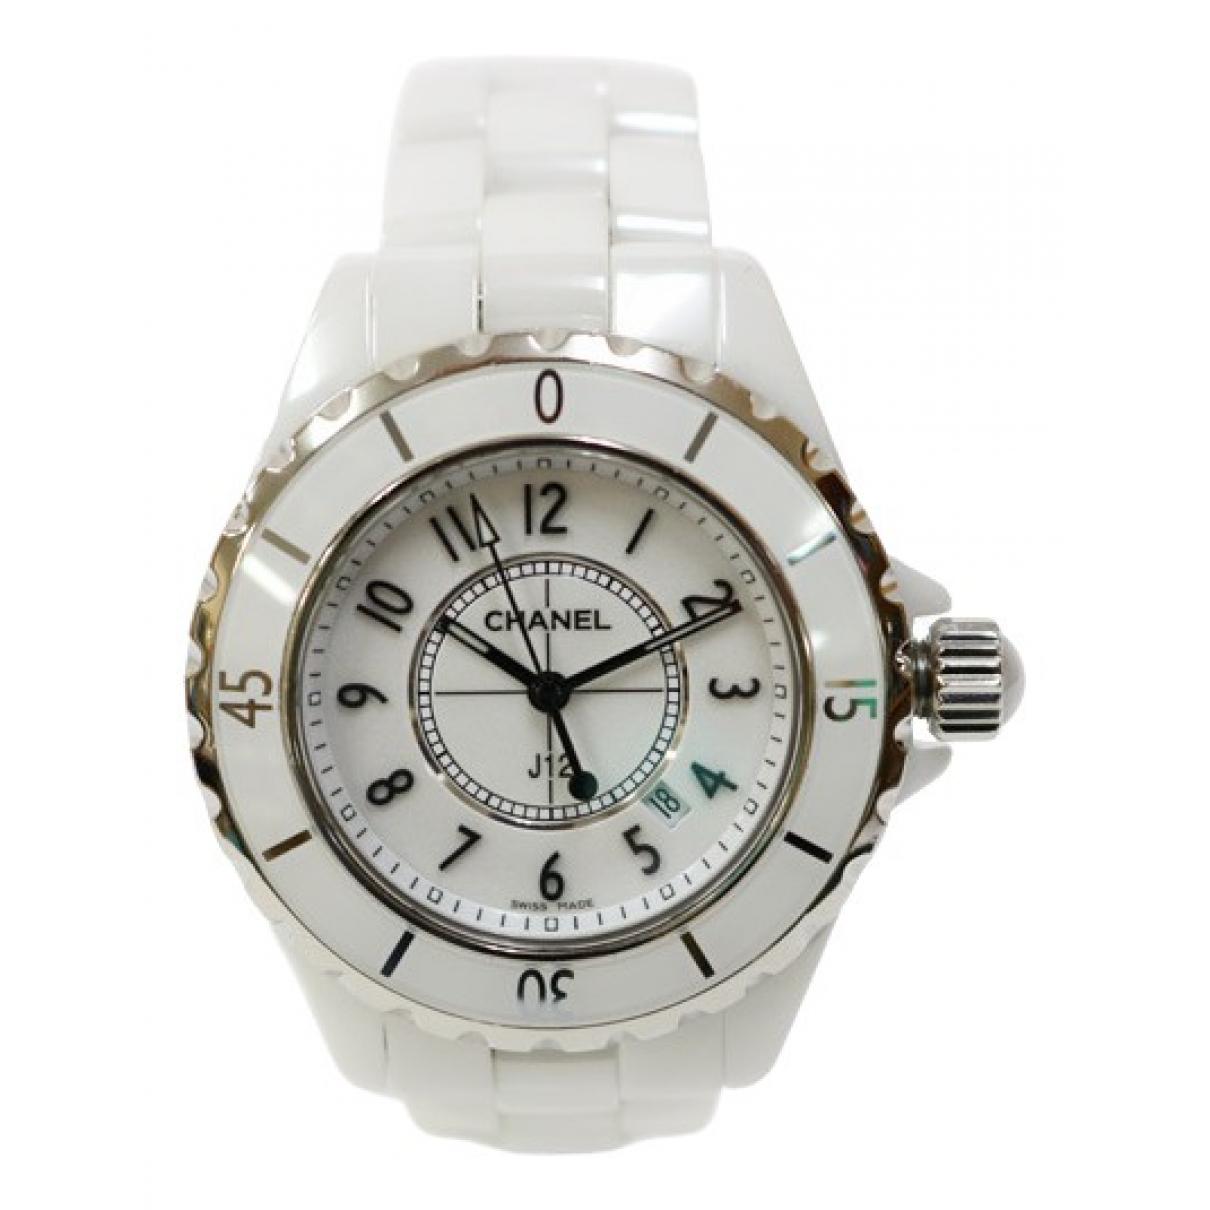 Relojes J12 Quartz de Ceramica Chanel